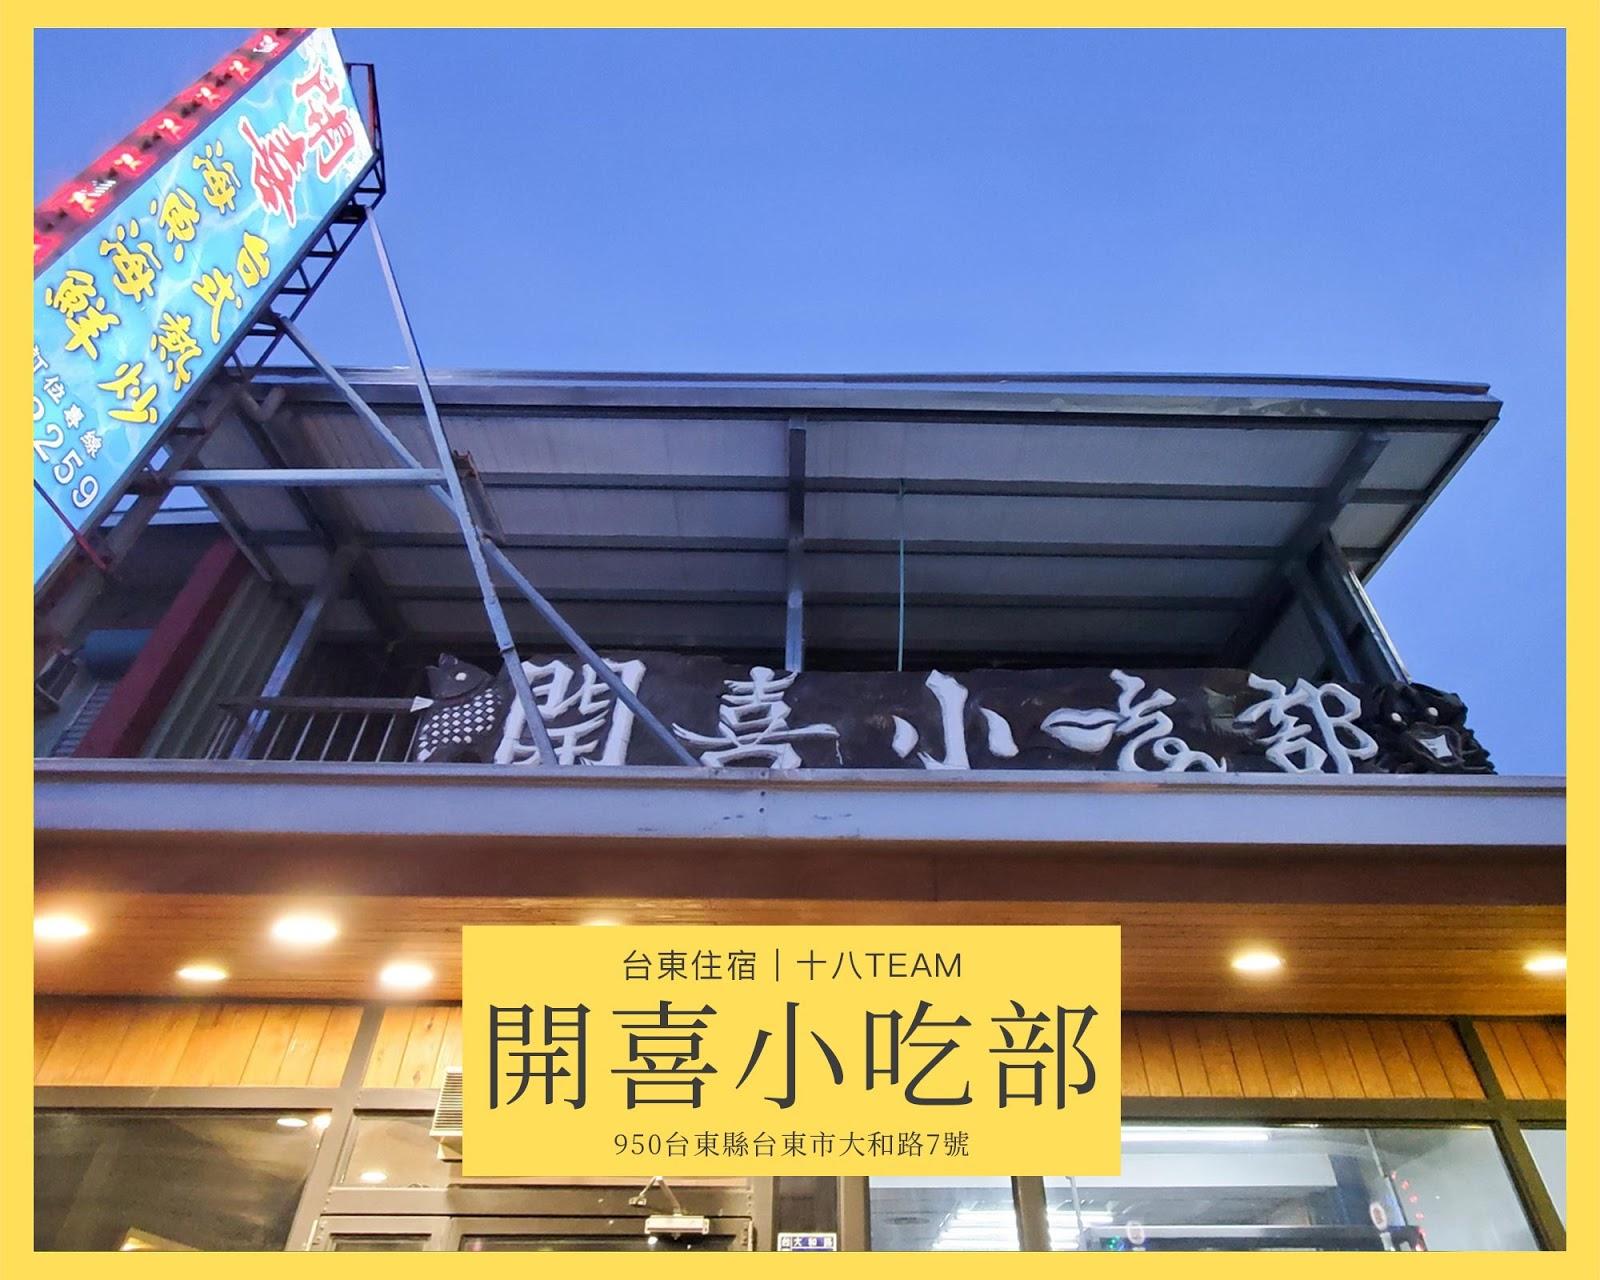 【台東美食】開喜小吃部|價格稍高、知本車站附近在地快炒小吃,當日現流漁獲還有多種下飯料理